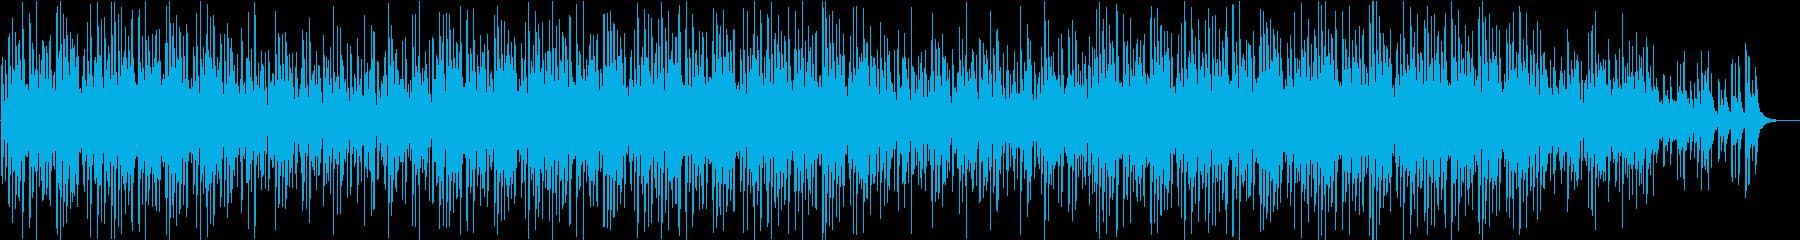 【琴と尺八】ゆったり 感動的なバラードの再生済みの波形